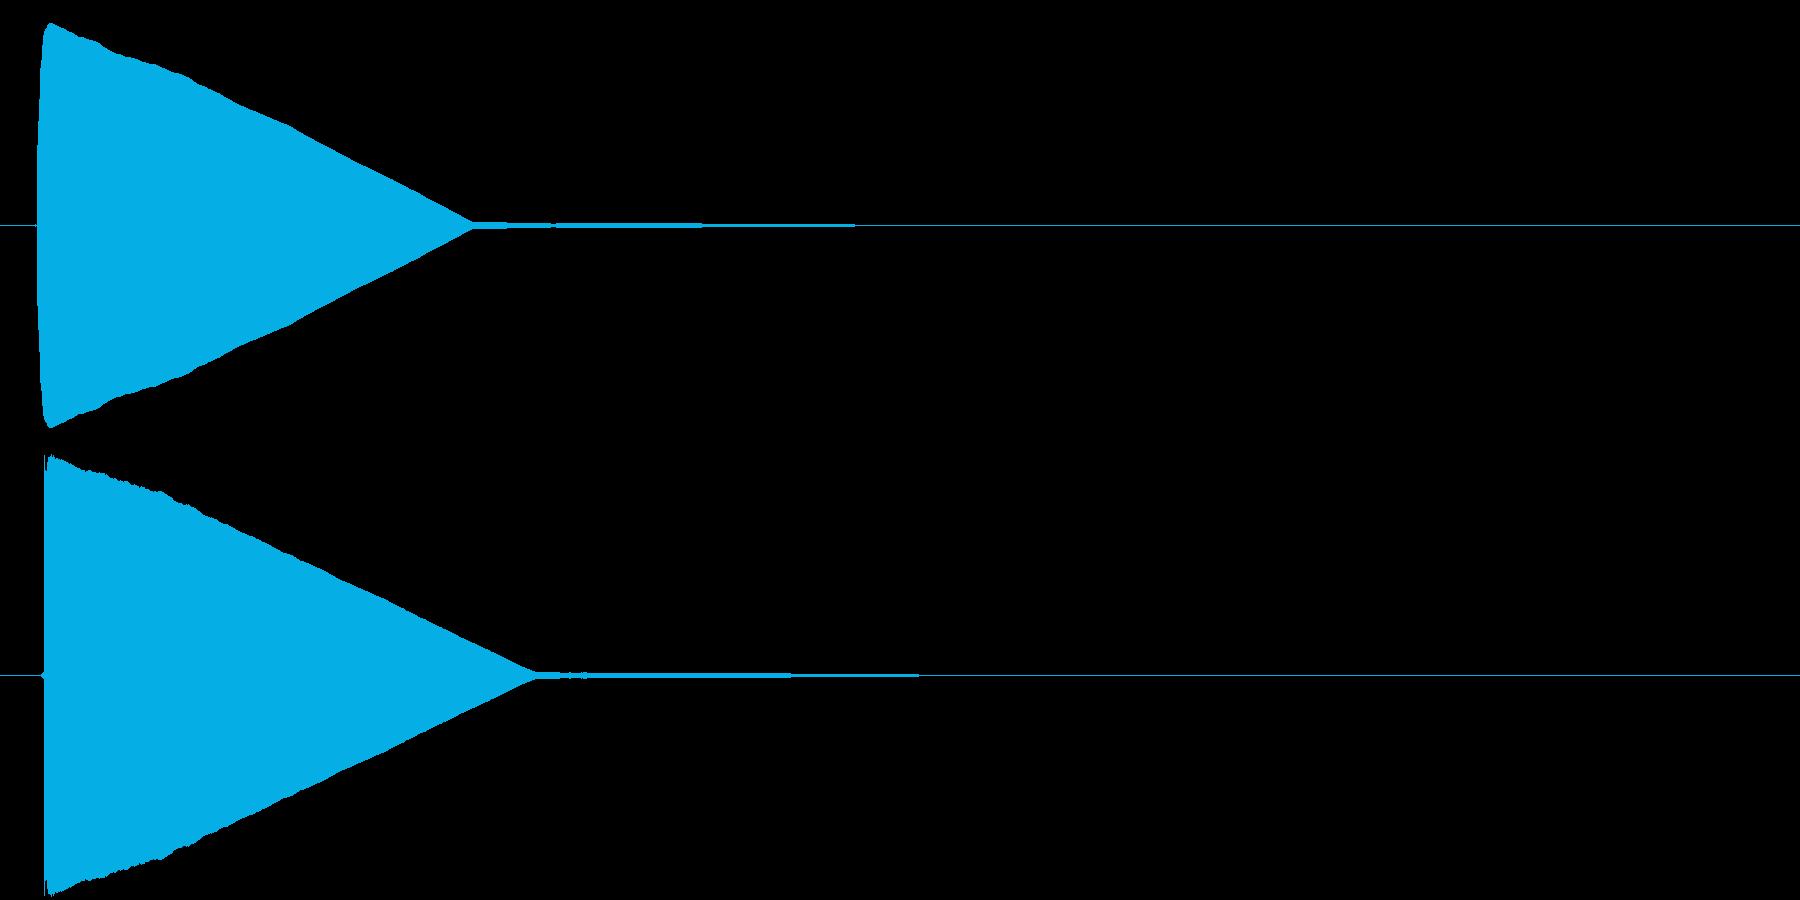 飛行機のシートベルトサイン音の再生済みの波形